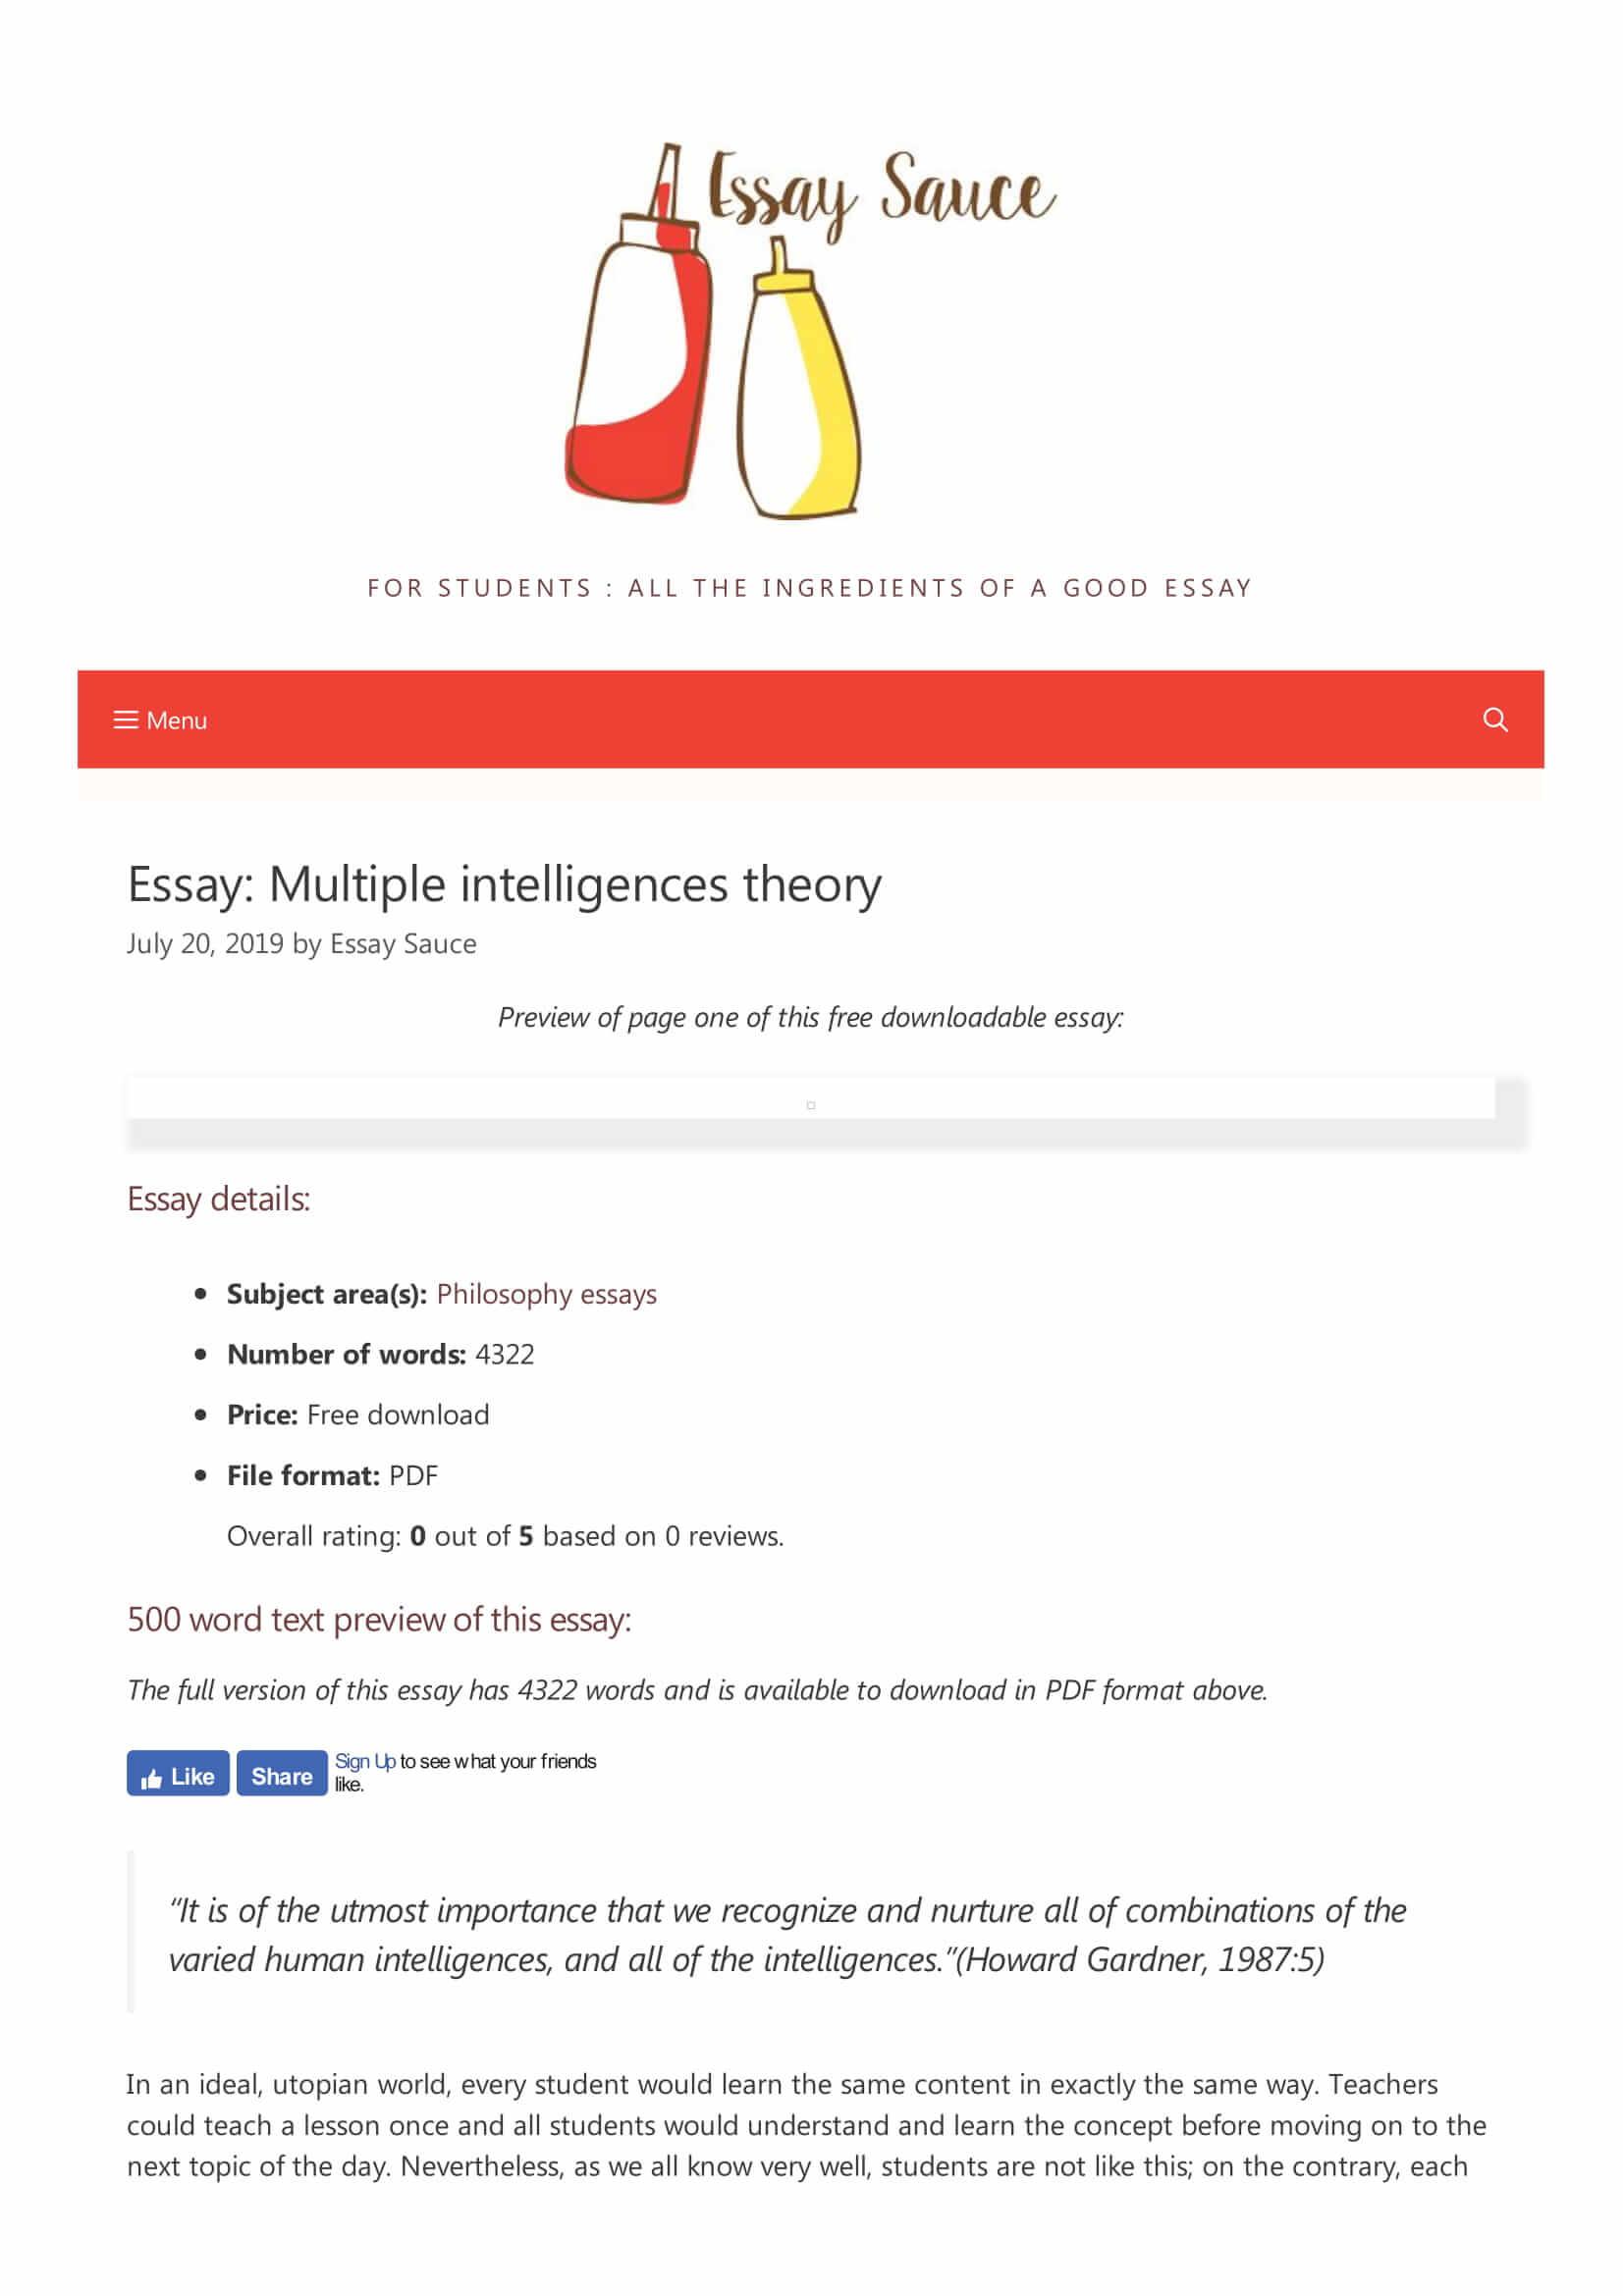 Get my essay written